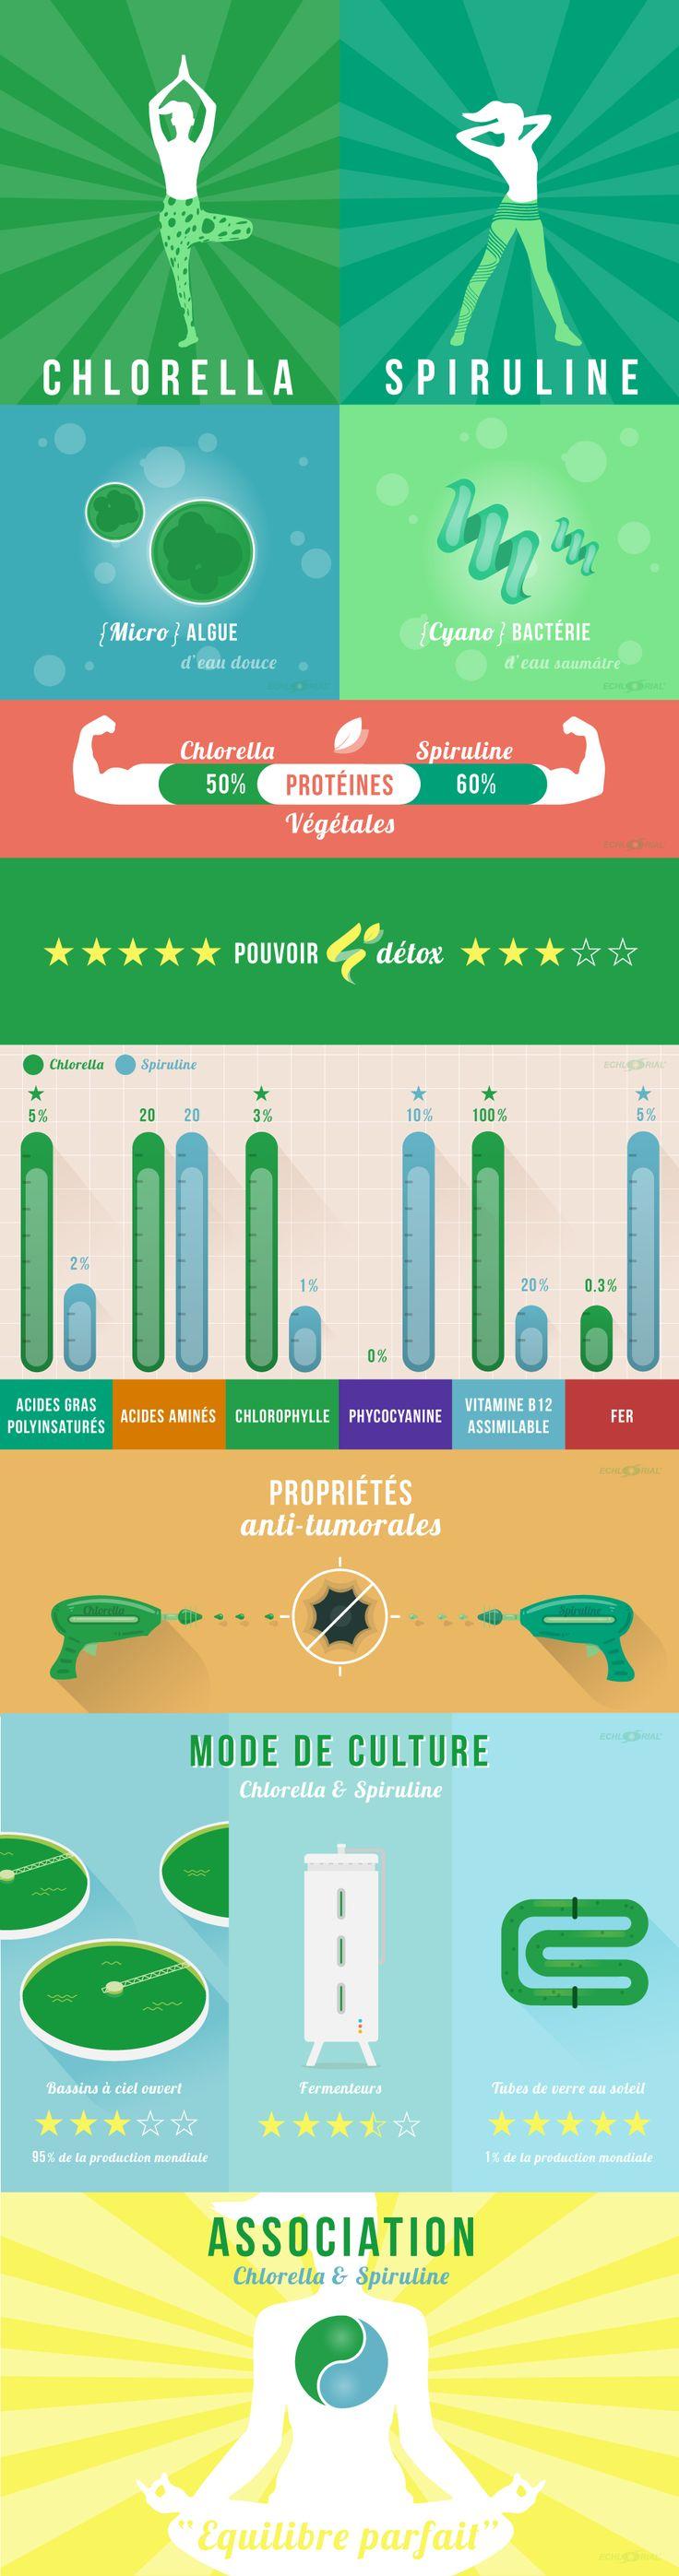 Infographie : différences et similitudes entre Chlorella et Spiruline